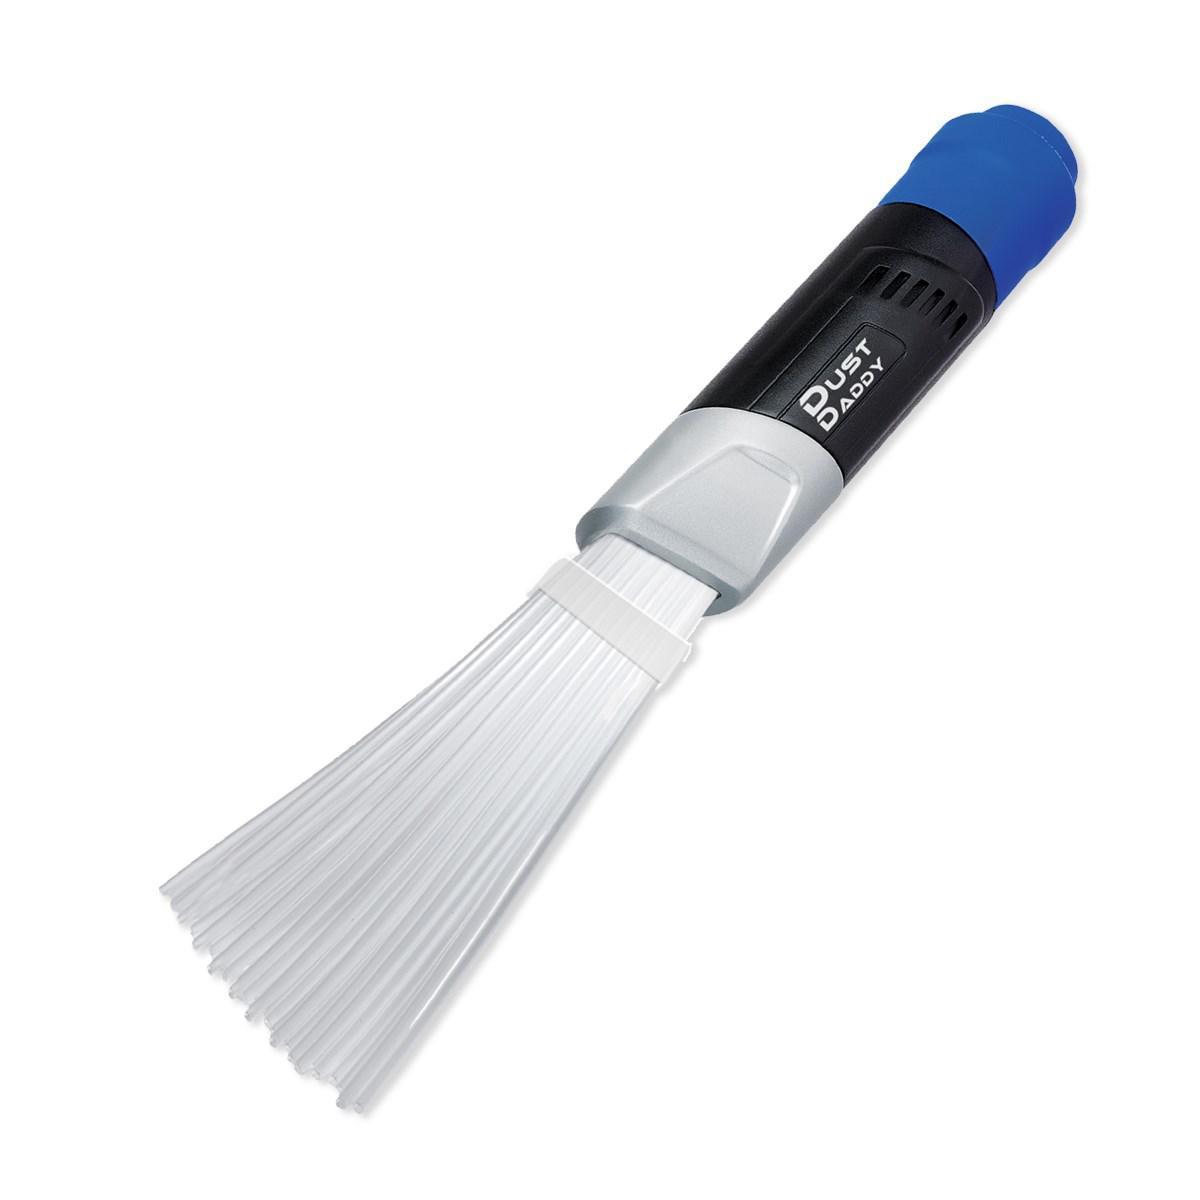 Dust Daddy насадка на пылесос для абсолютного удаления пыли